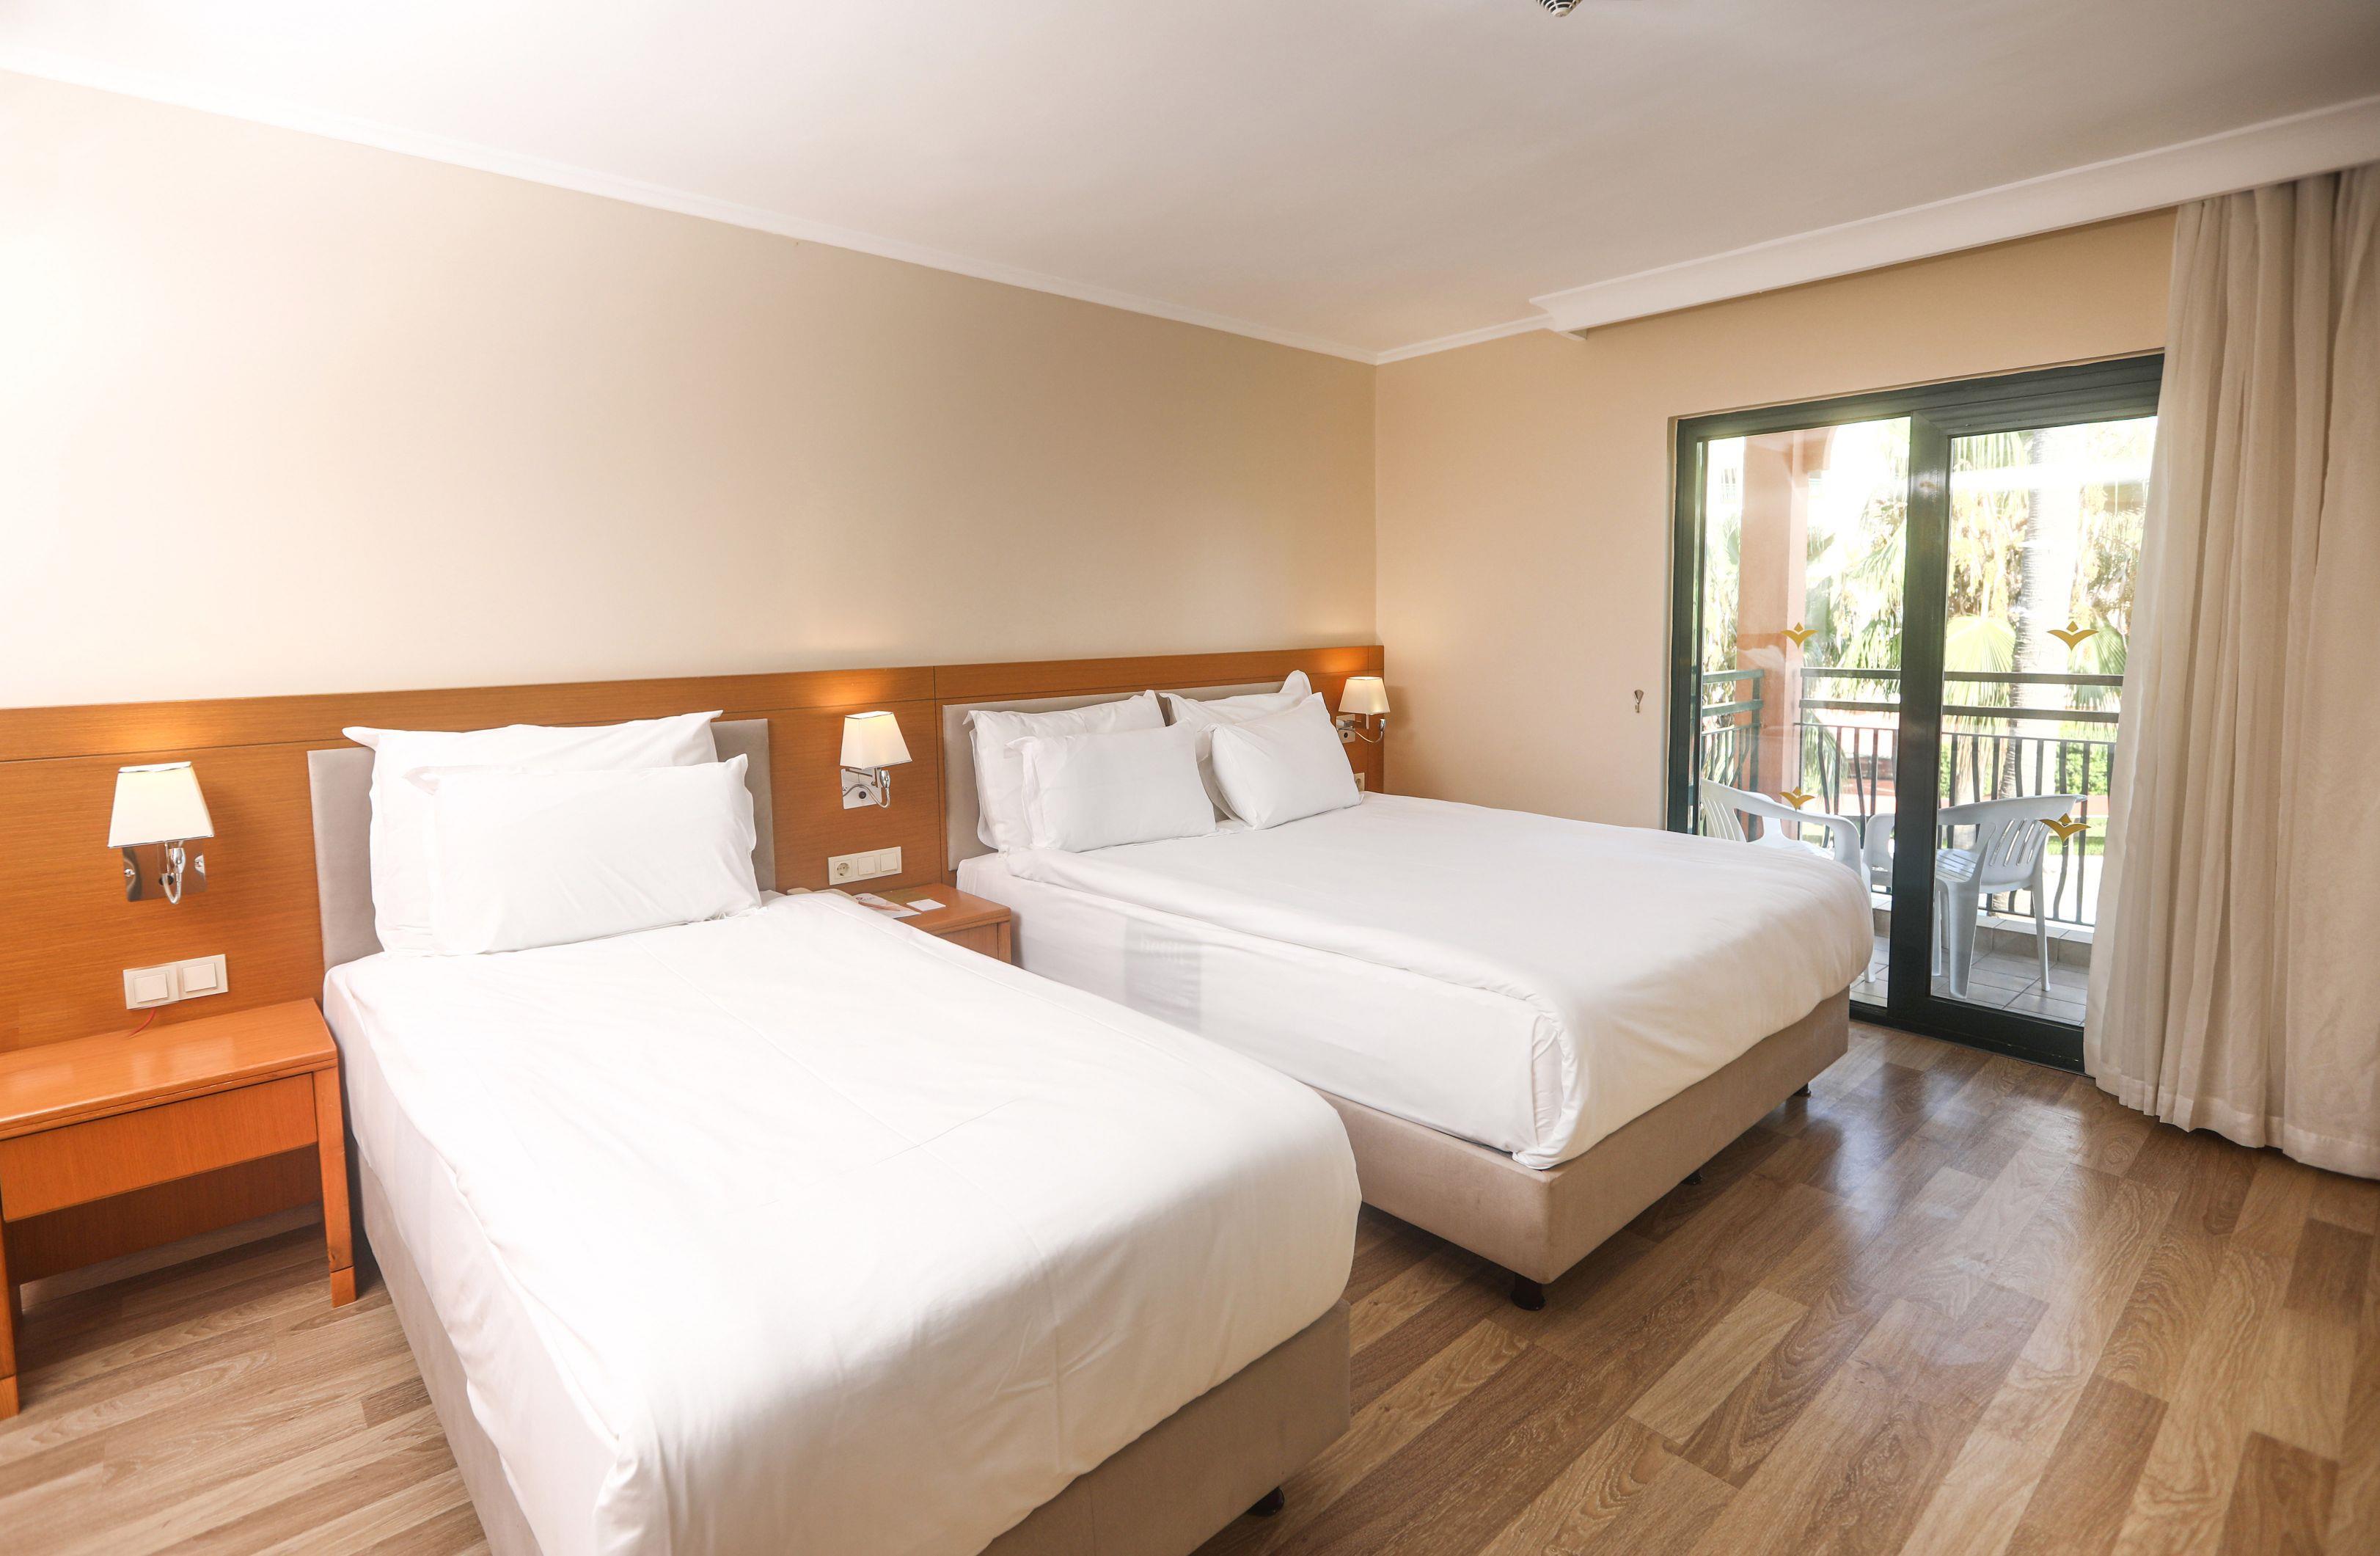 http://www.orextravel.sk/OREX/hotelphotos/miramare-queen-hotel-general-00100.jpg